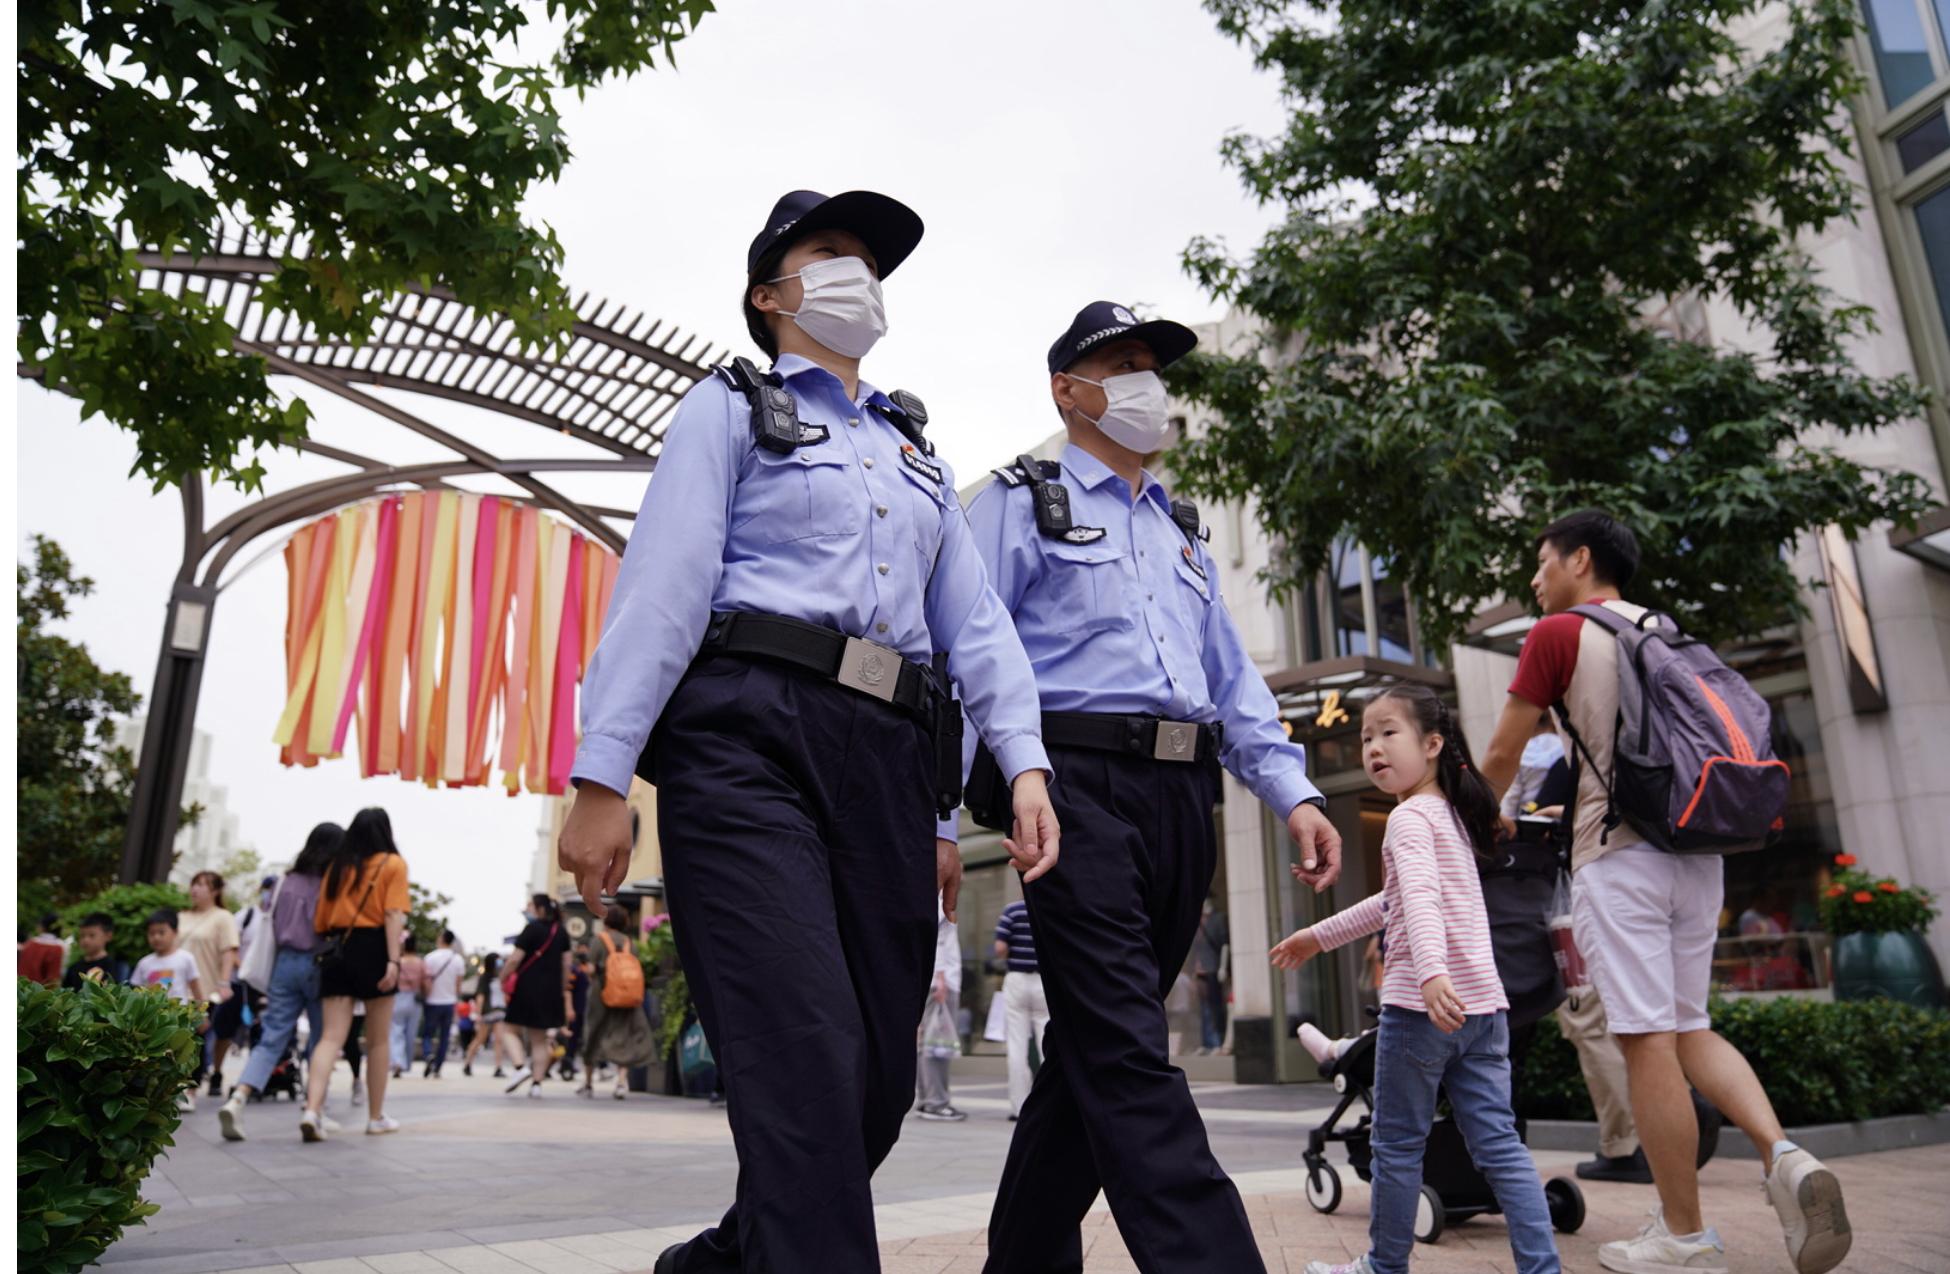 截至10月3日14时,上海国际旅游度假区今日客流已达5.5万人次。 来源:浦东公安